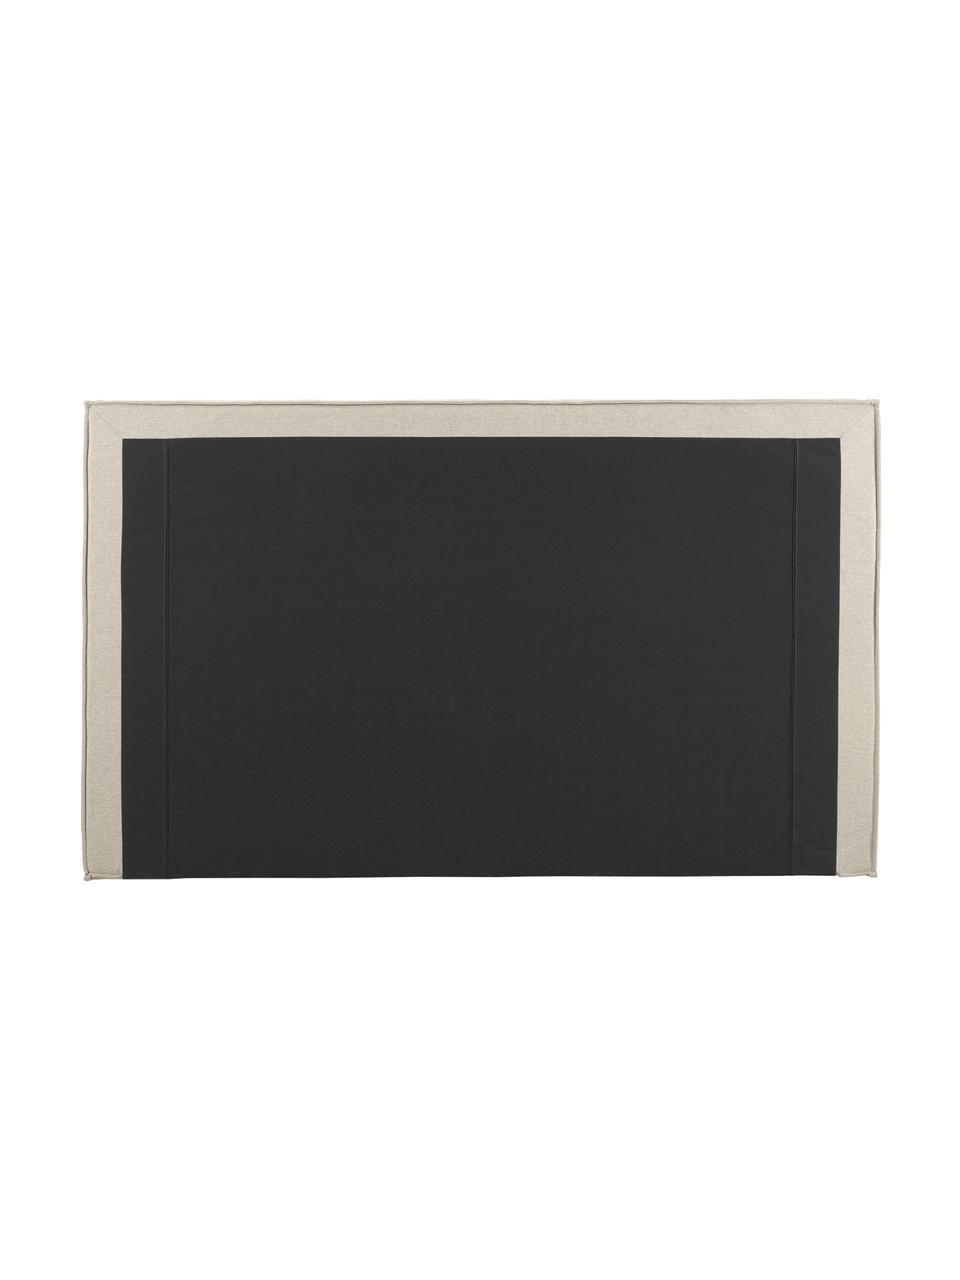 Łózko tapicerowane Dream, Korpus: Lite drewno sosnowe i mat, Tapicerka: 100% poliester (tkanina s, Ciemny beżowy, S 180 x D 200 cm